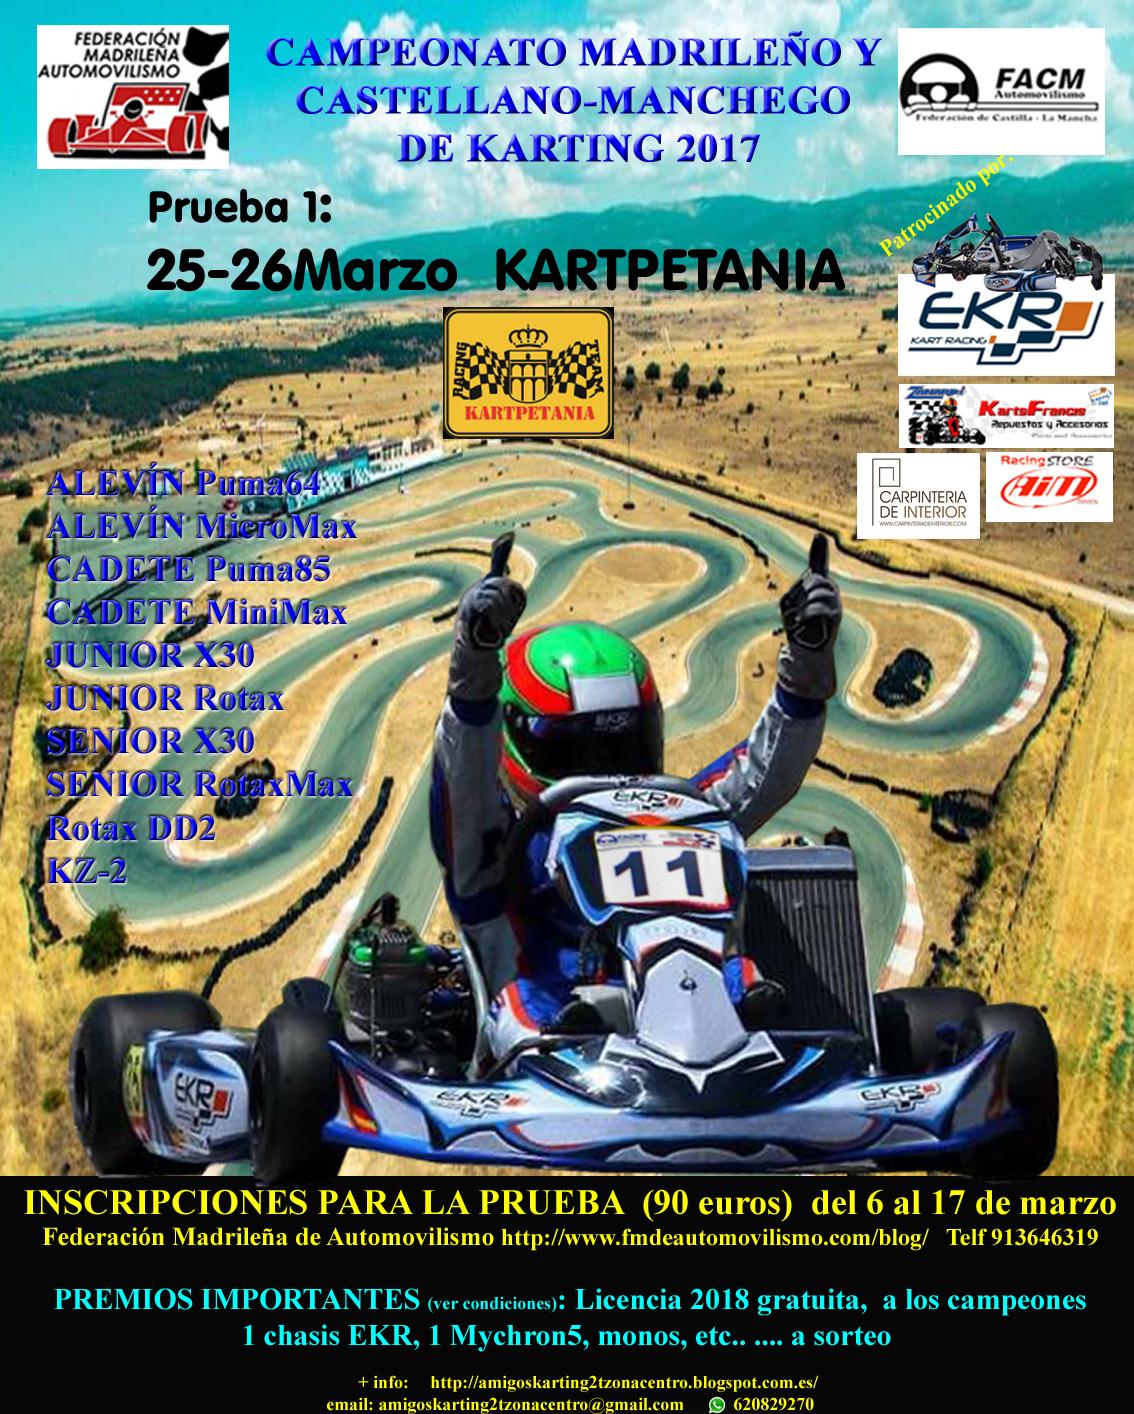 Campeonato de Karting Madrileño y Castellano-Manchego